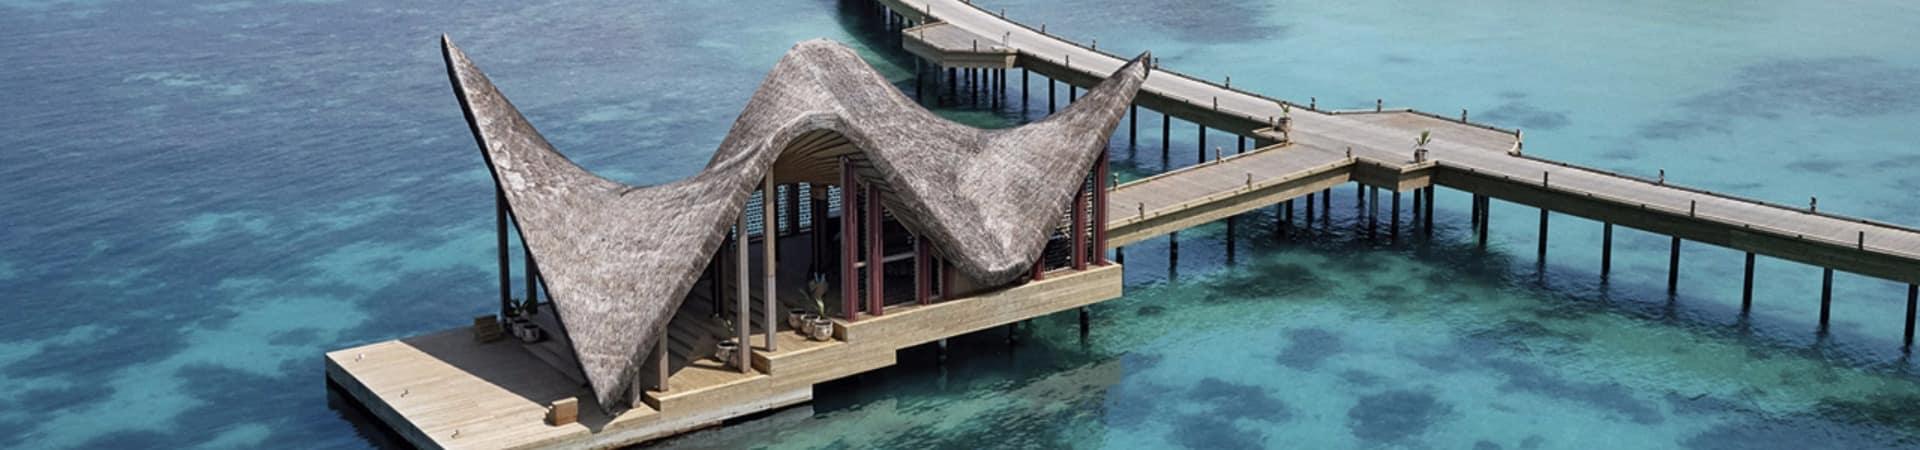 Joali maldivas pier aereo